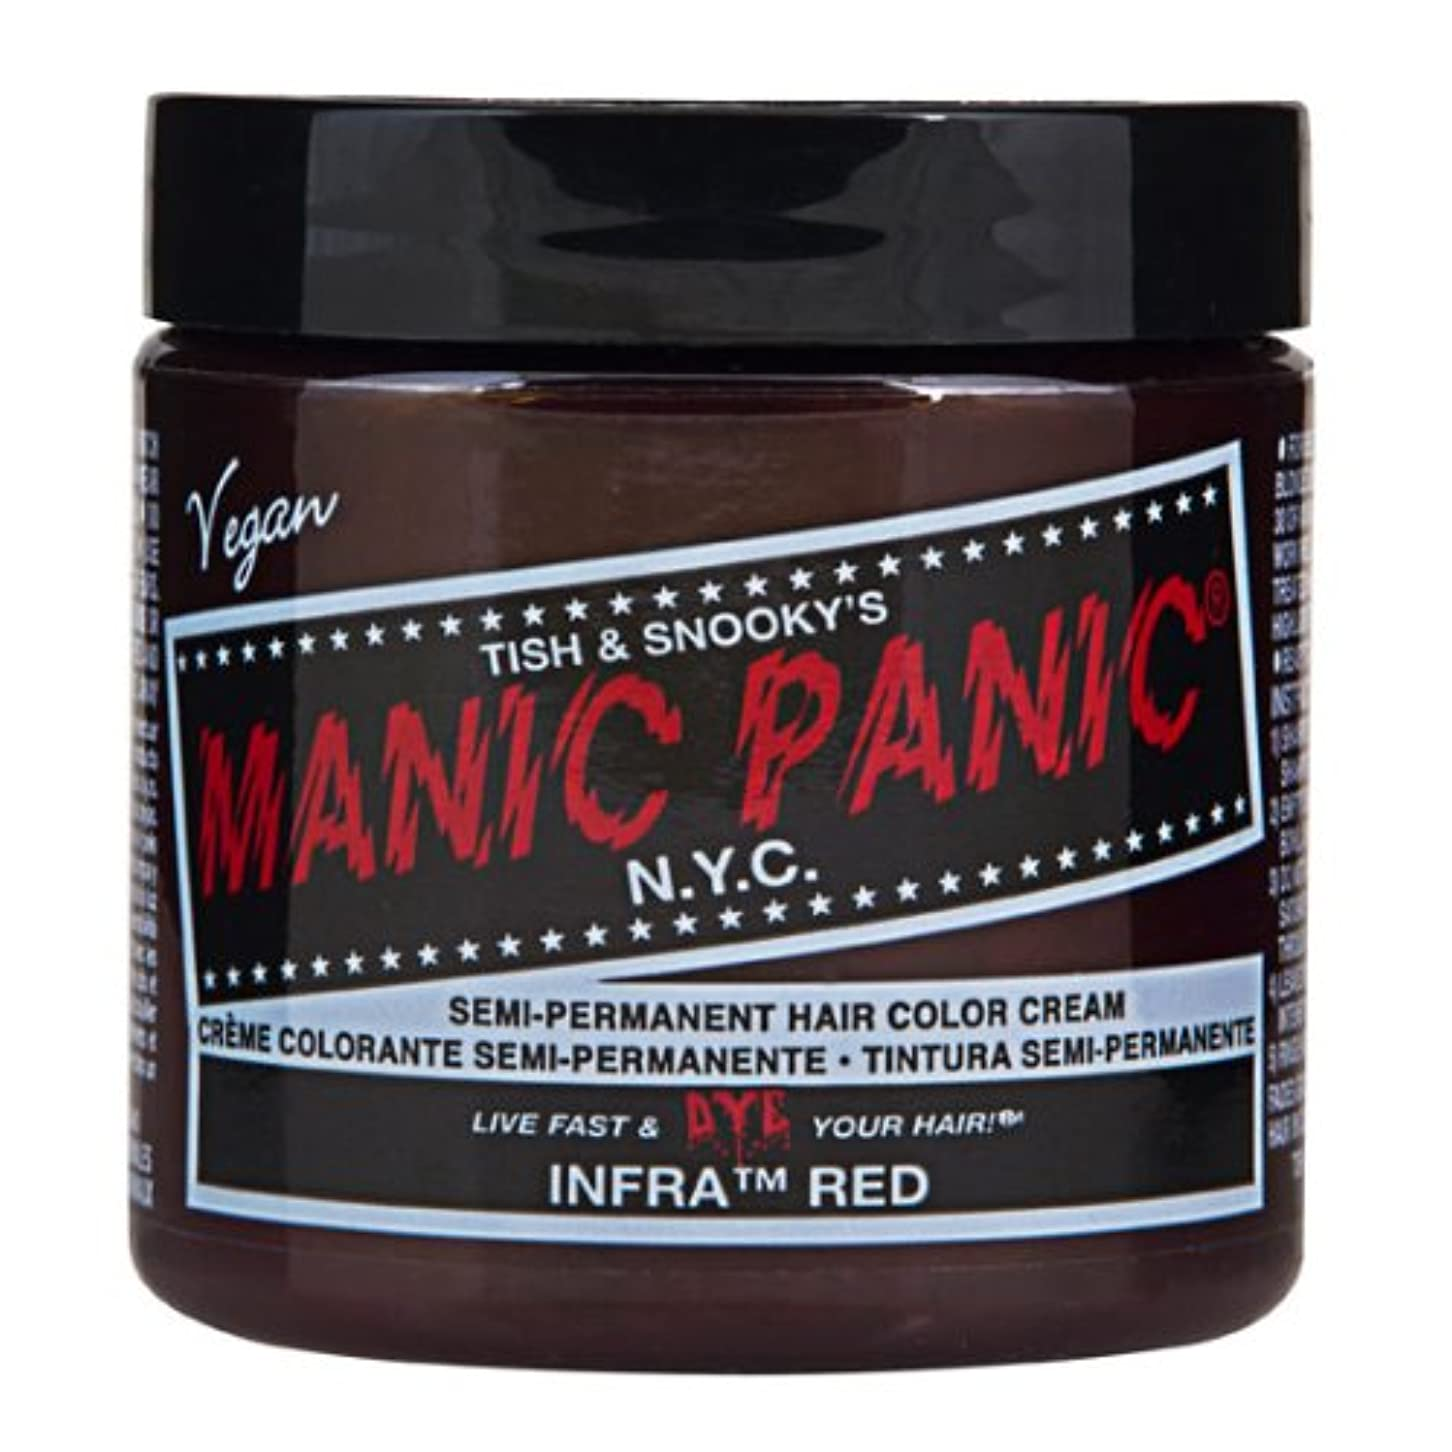 マニックパニック MANIC PANIC ヘアカラー 118mlインフラレッド ヘアーカラー